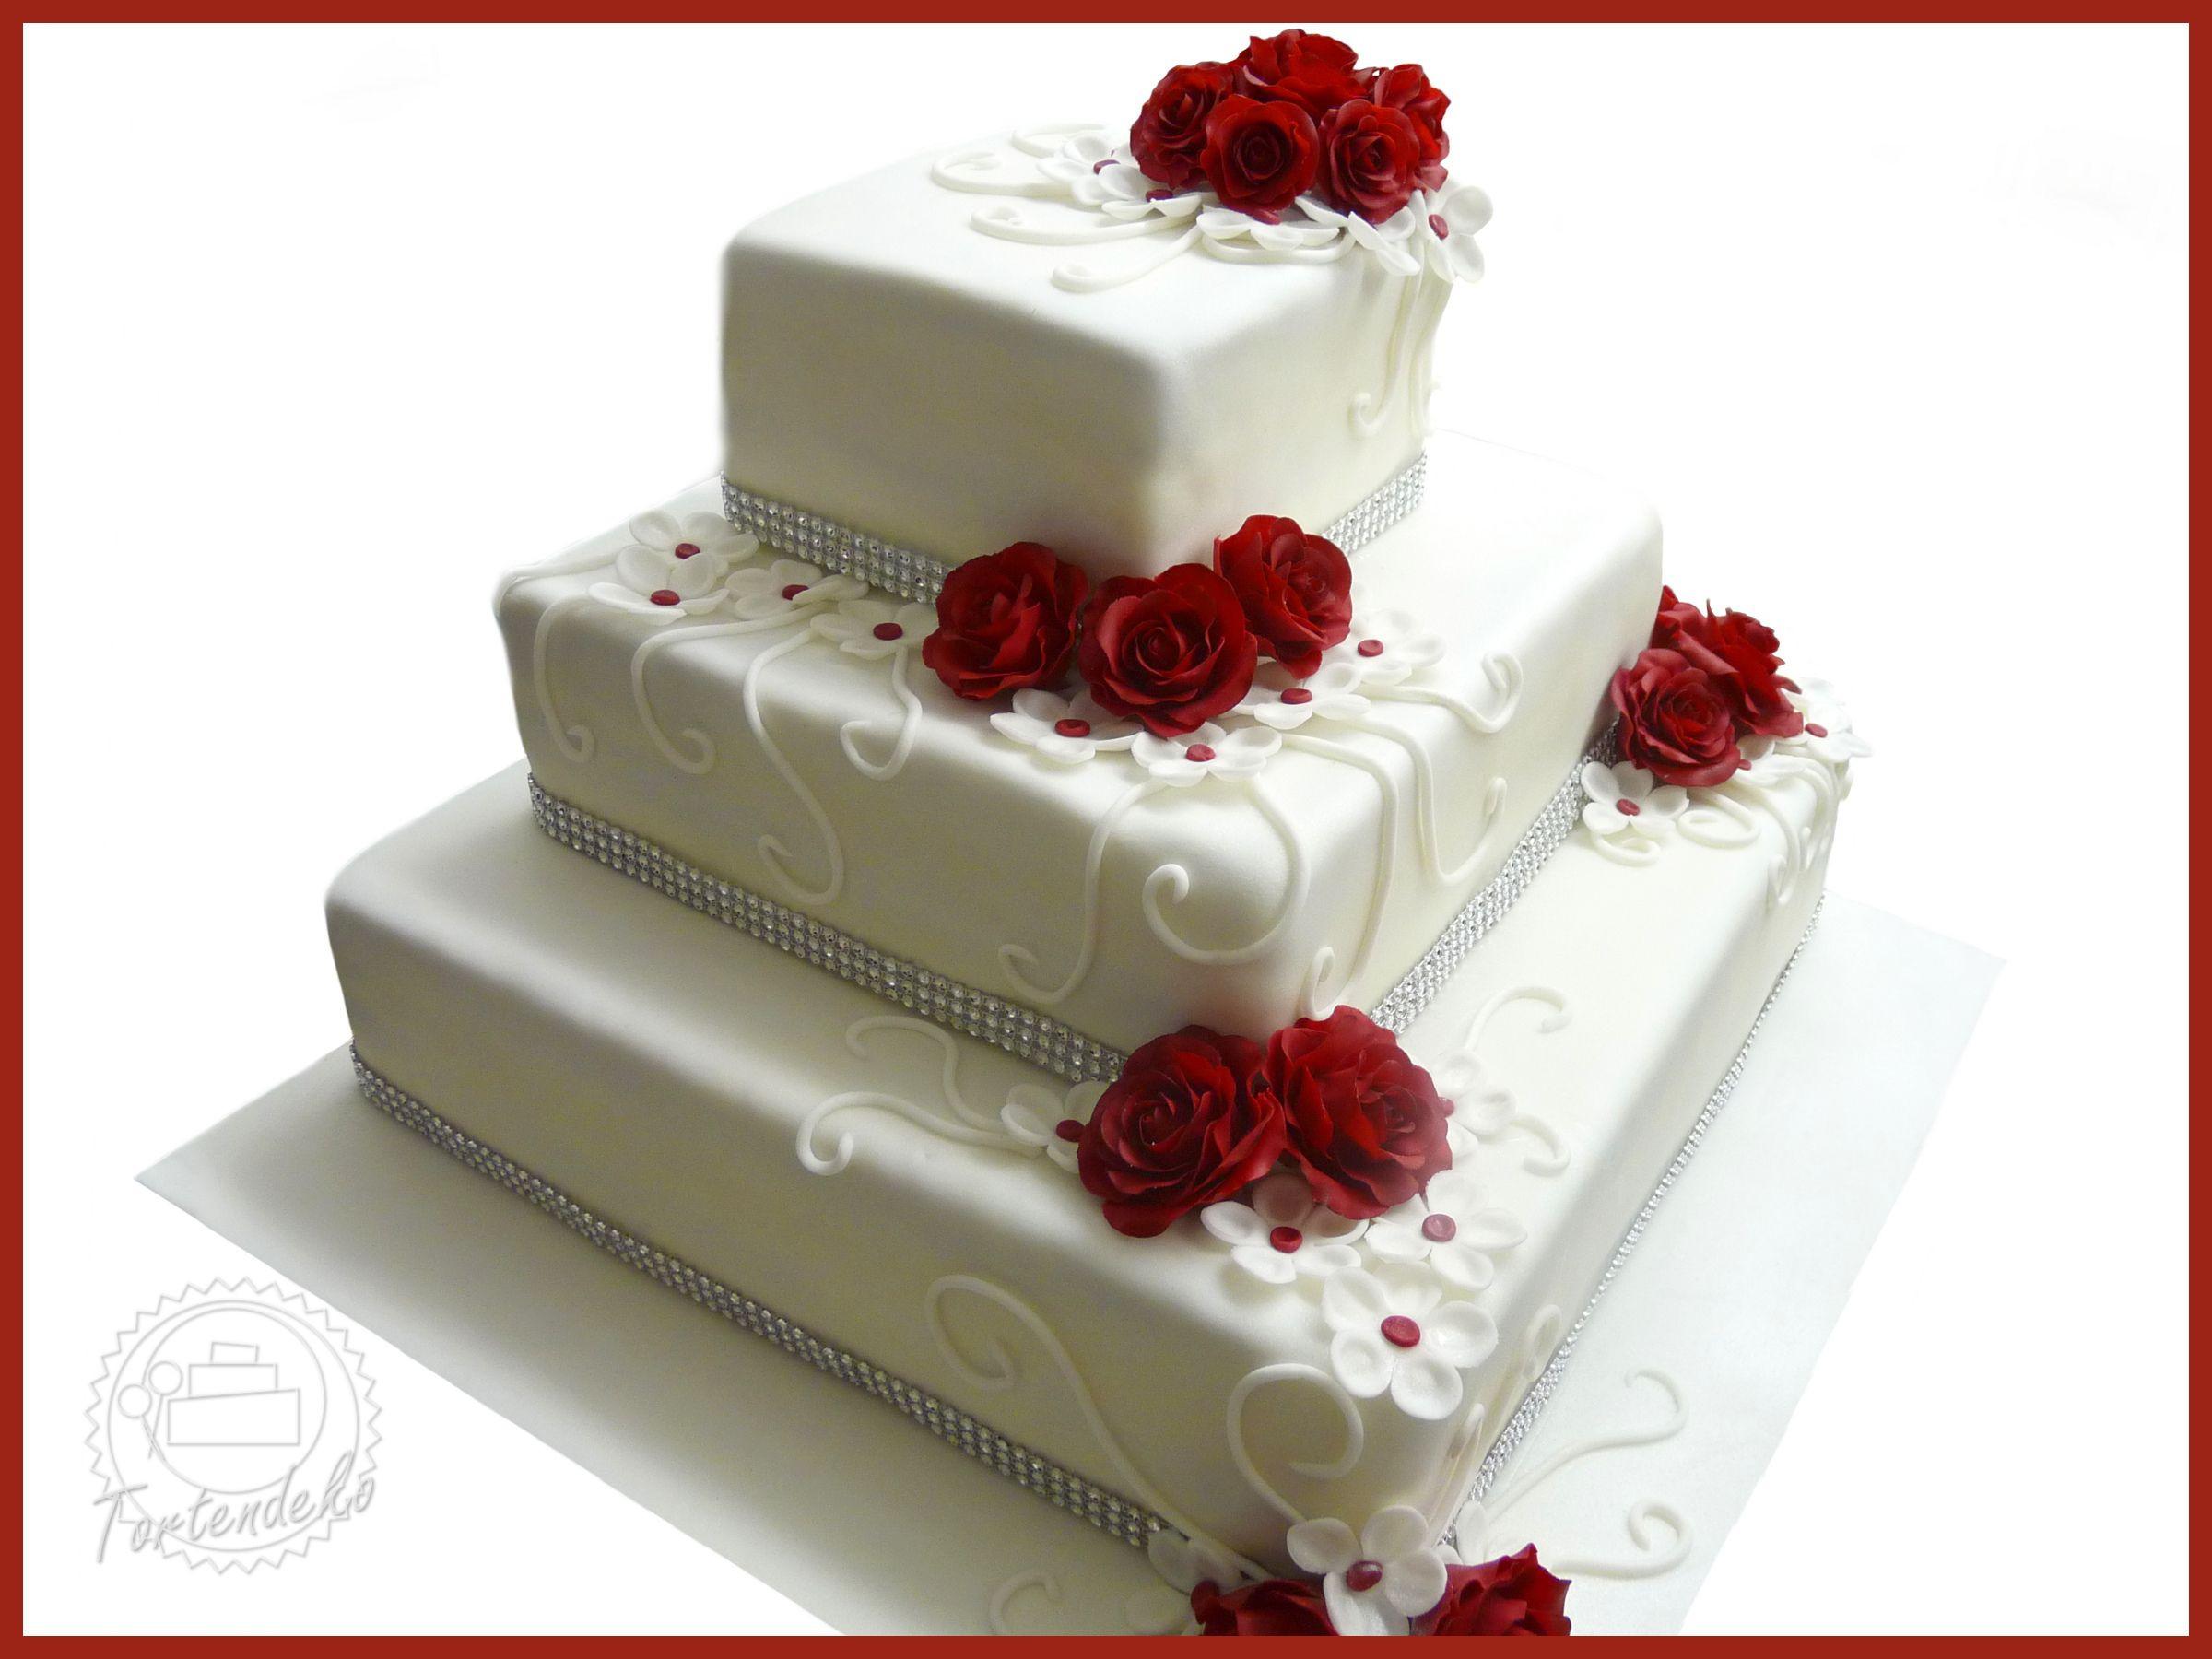 Hochzeitstorte Mit Rosen  Eckige Hochzeitstorte mit Rosen in bordeaux